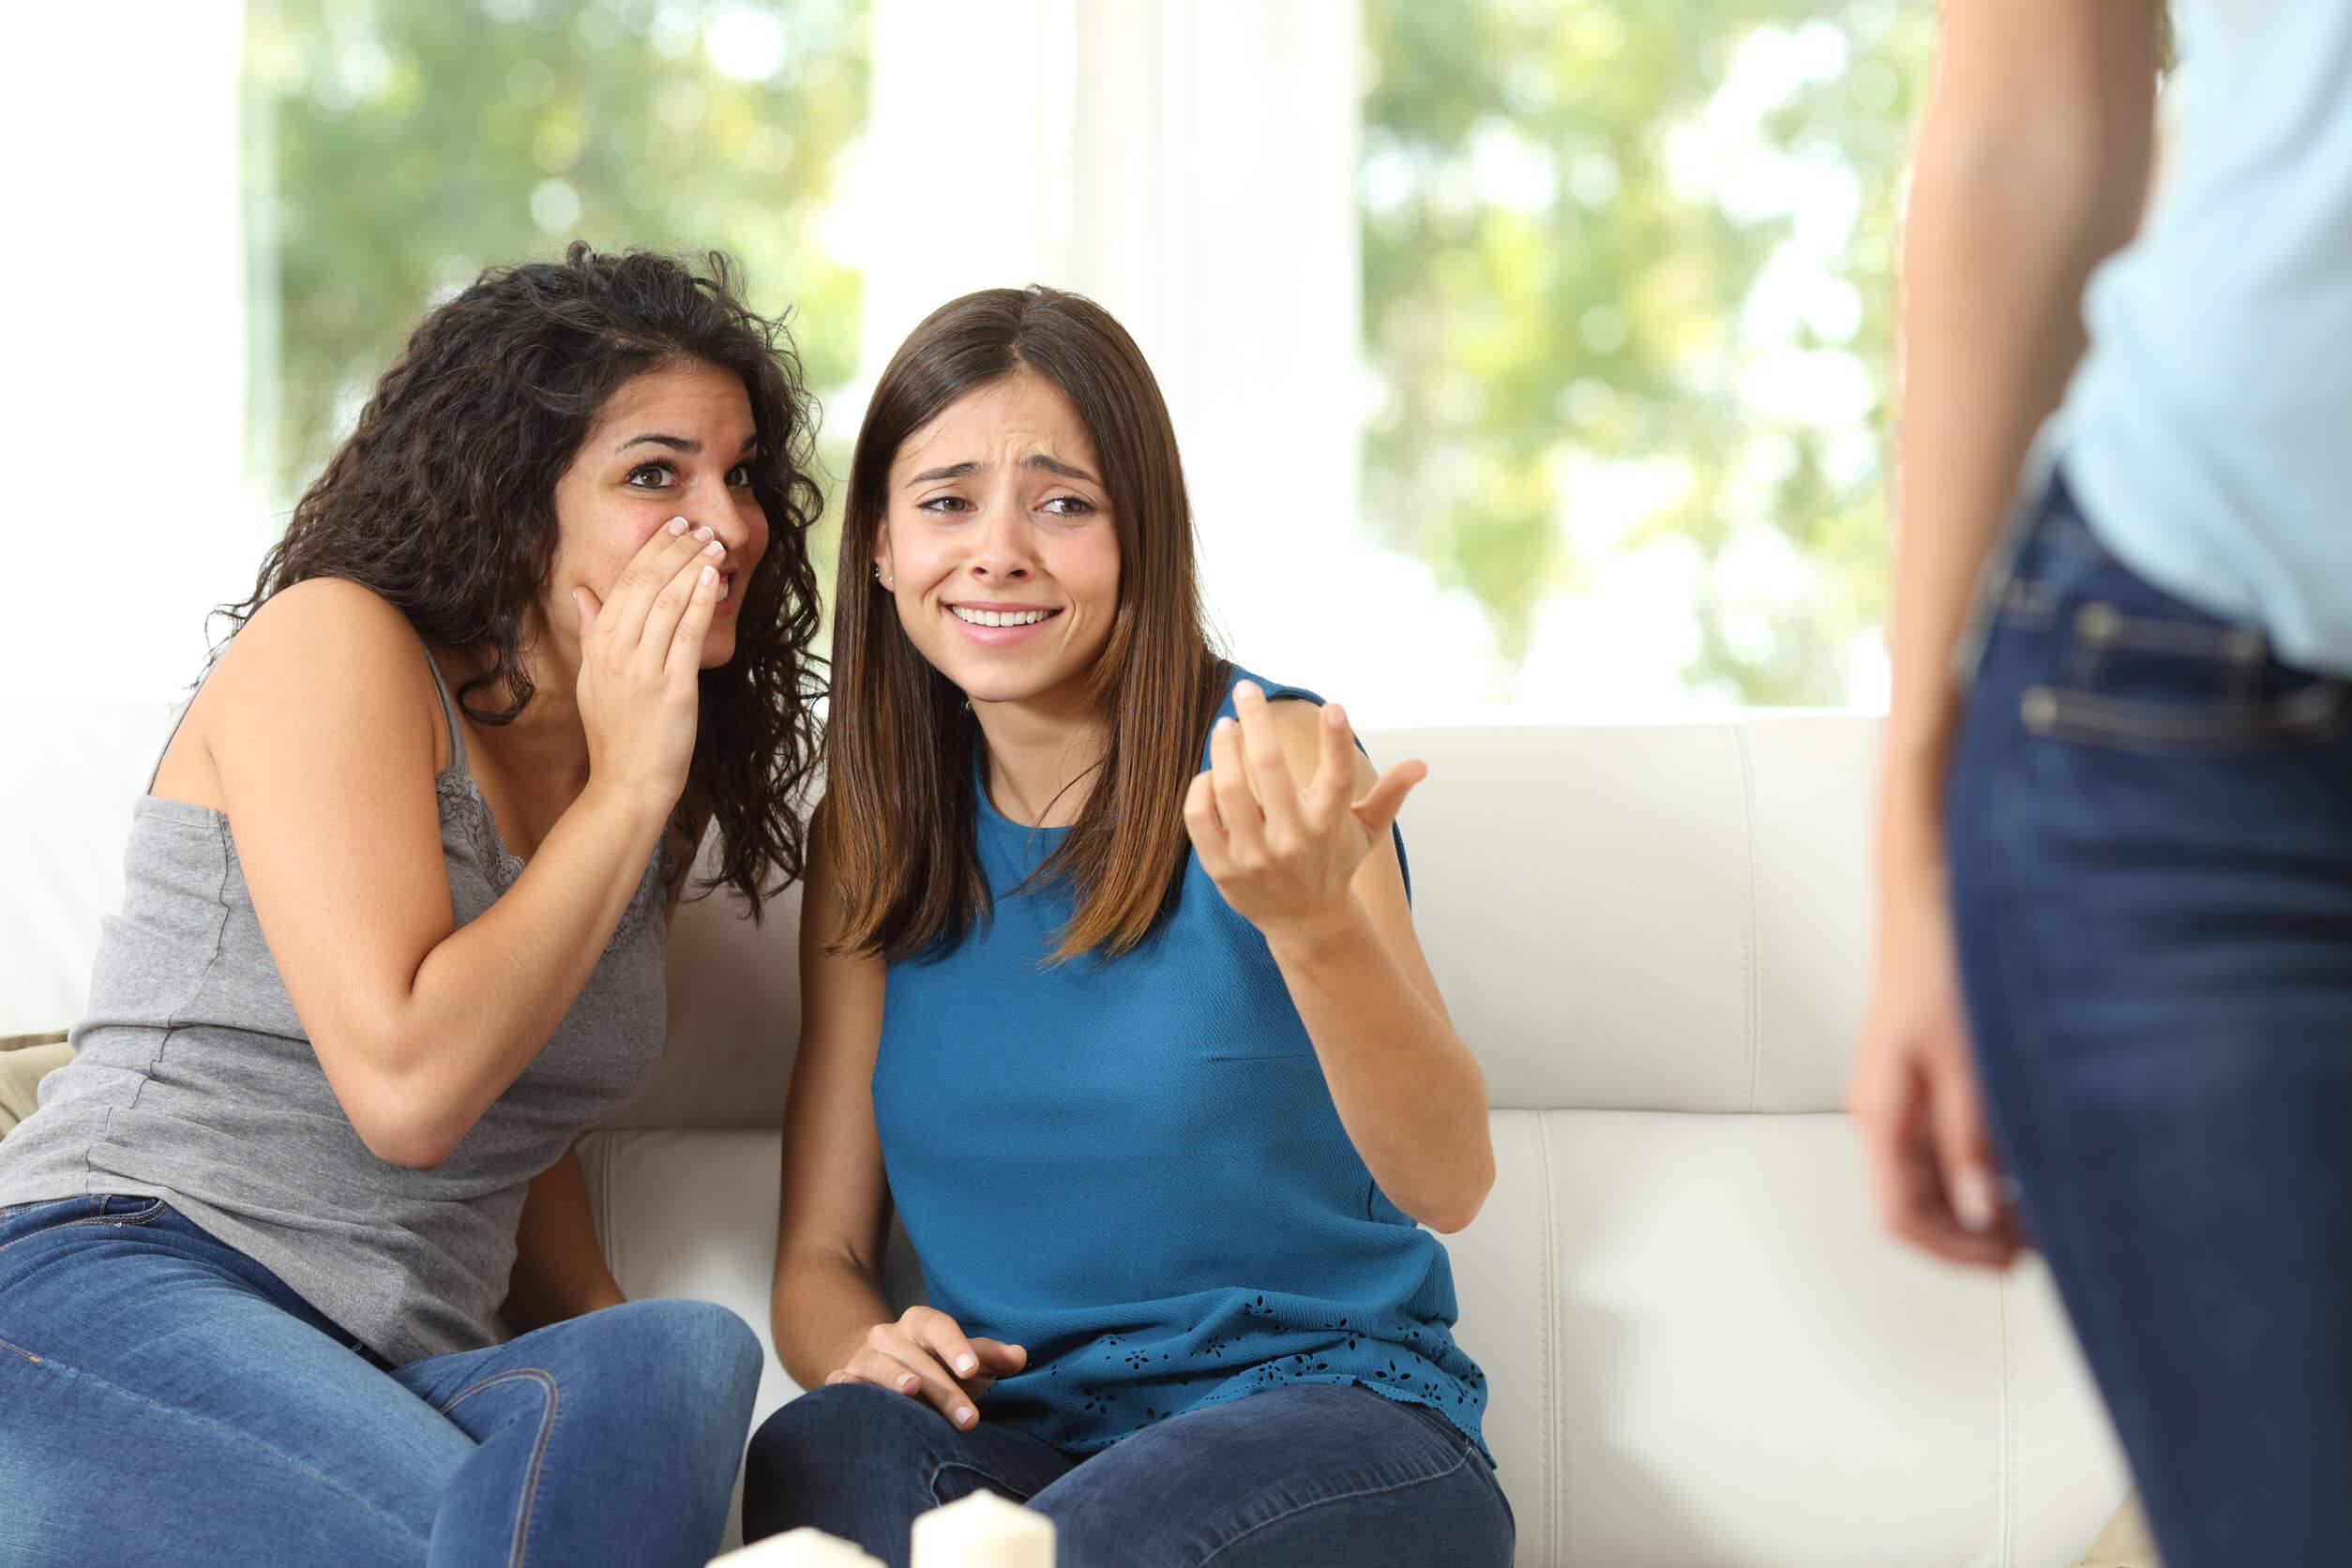 Hablar mal de los demás